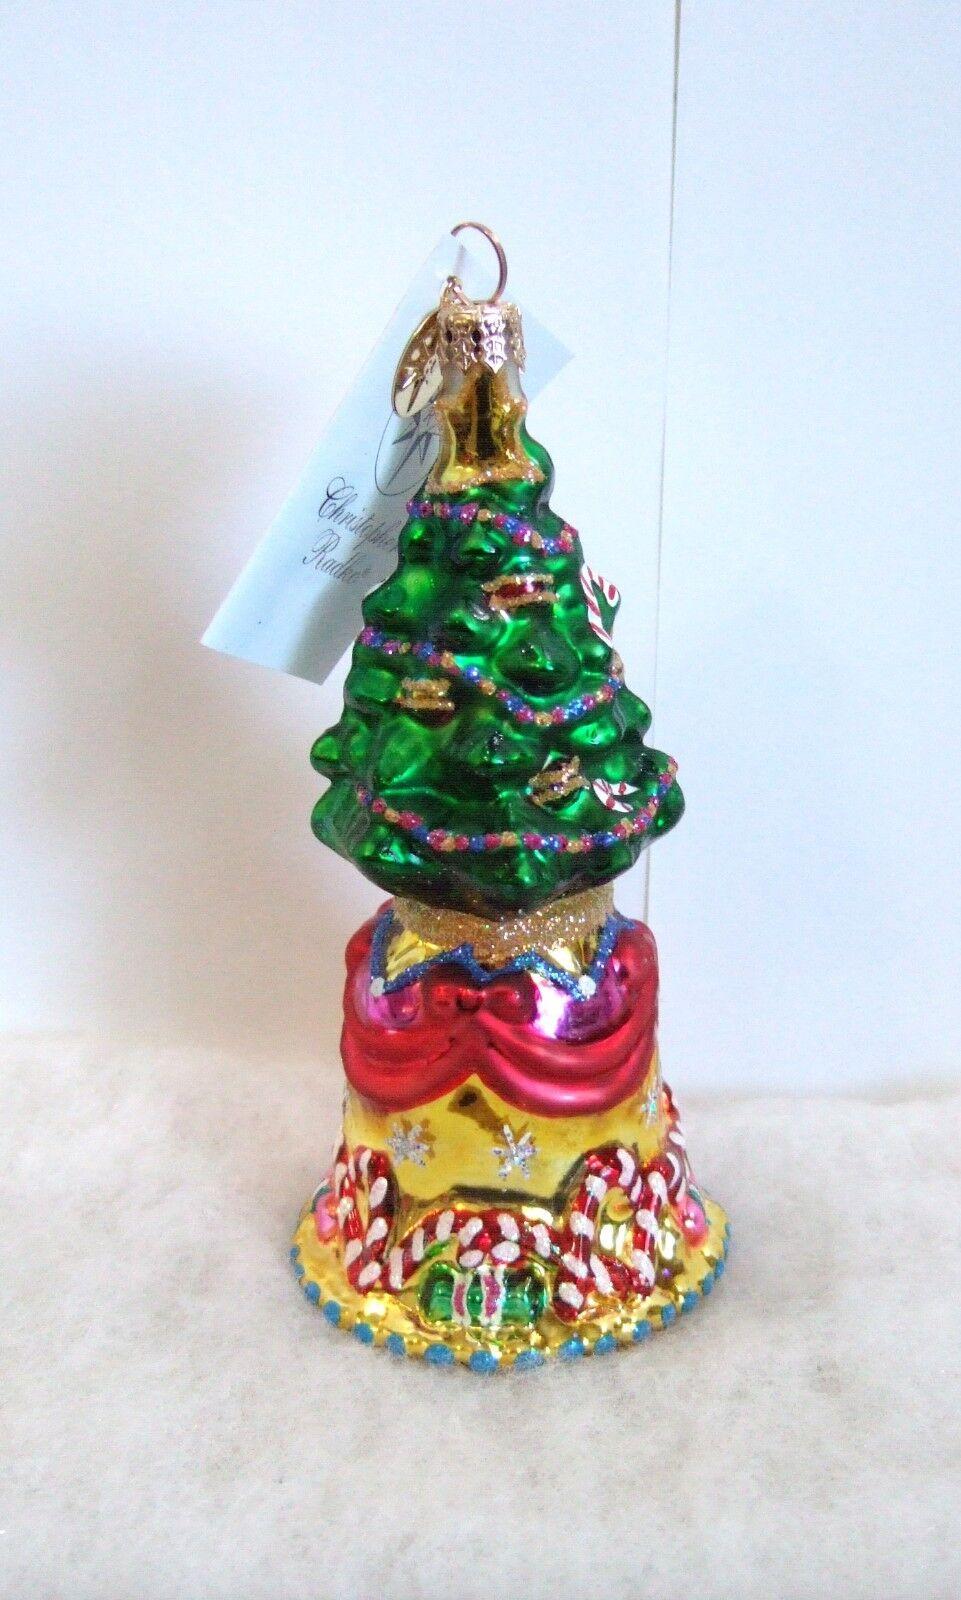 Christopher Figurine OrneHommes t 0106860 Carillon Trésors 0106860 t Cloche Tree Nwt / Scellé 241249